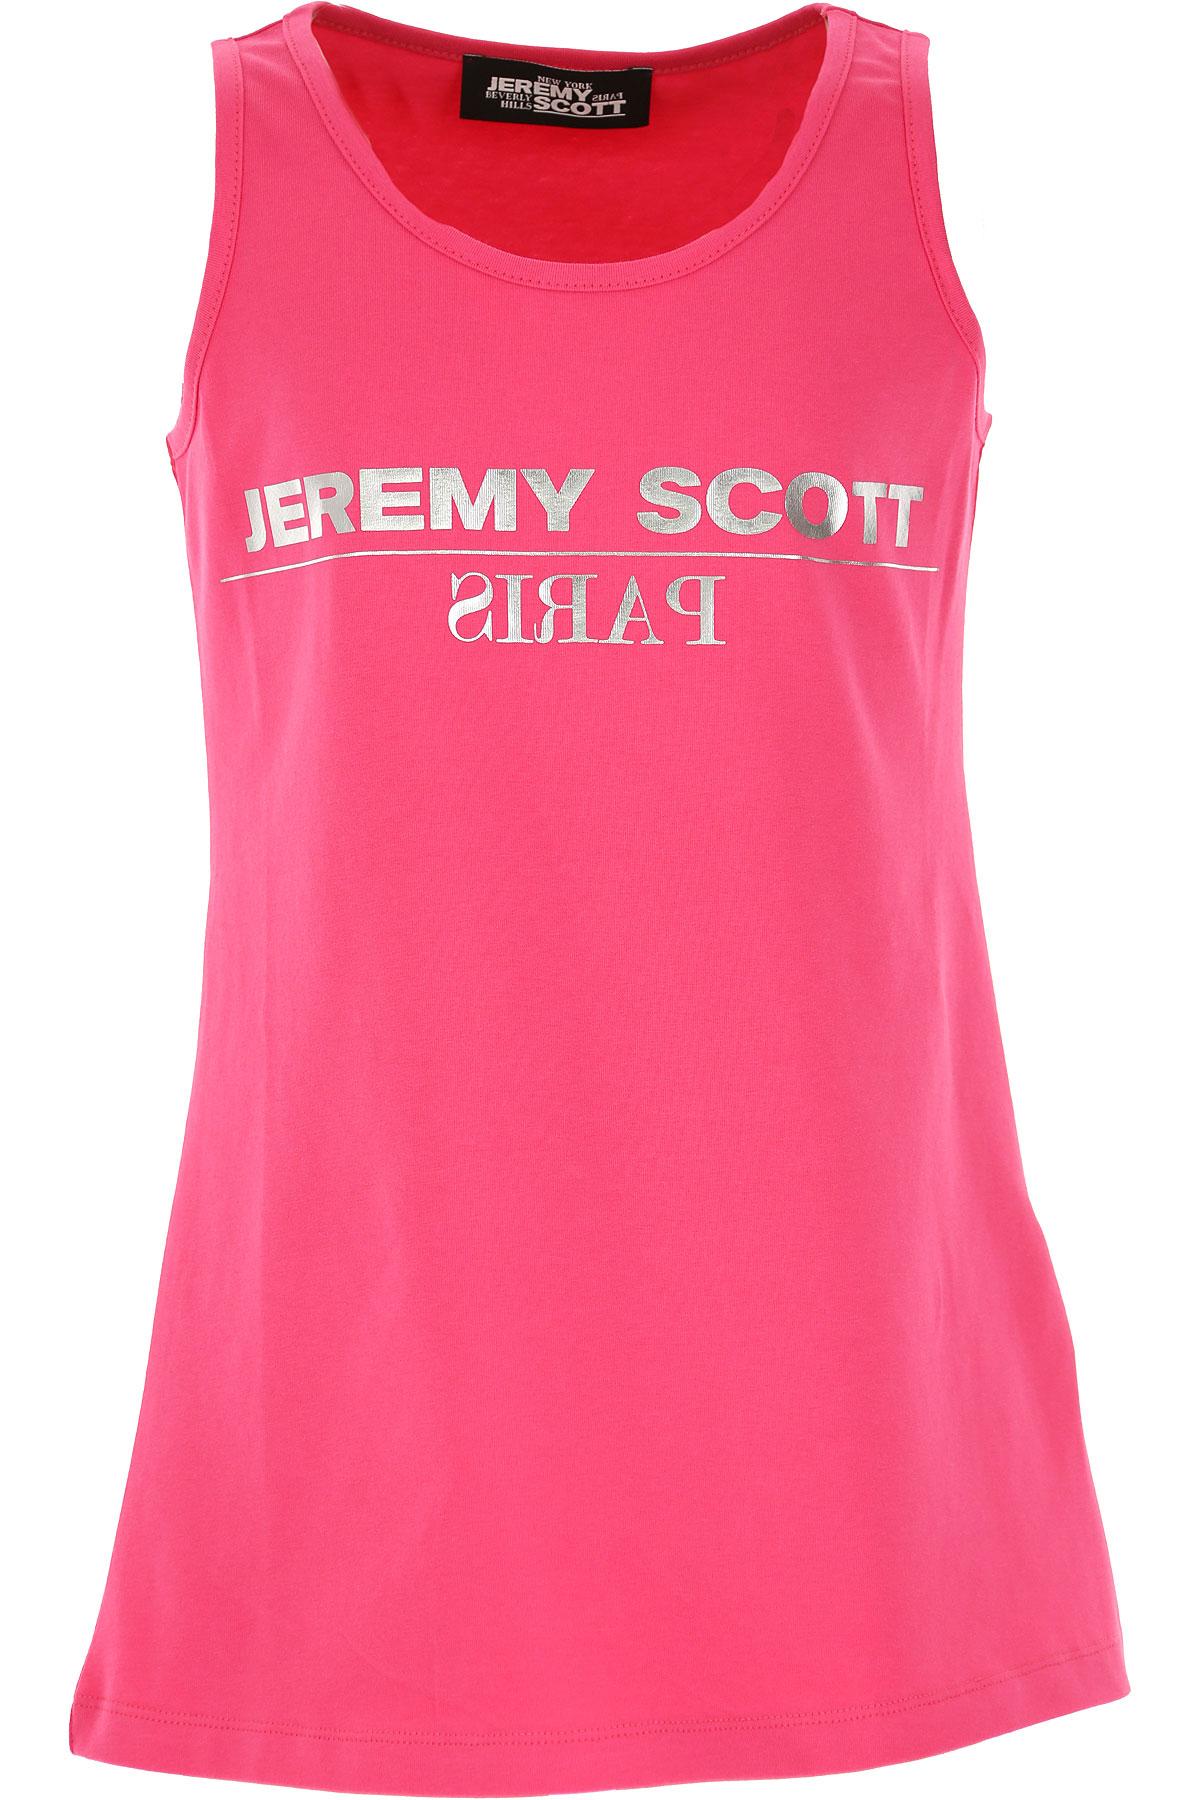 Jeremy Scott T-Shirt Enfant pour Fille, Fuchsia, Coton, 2017, 10Y 12Y 14Y 4Y 6Y 8Y